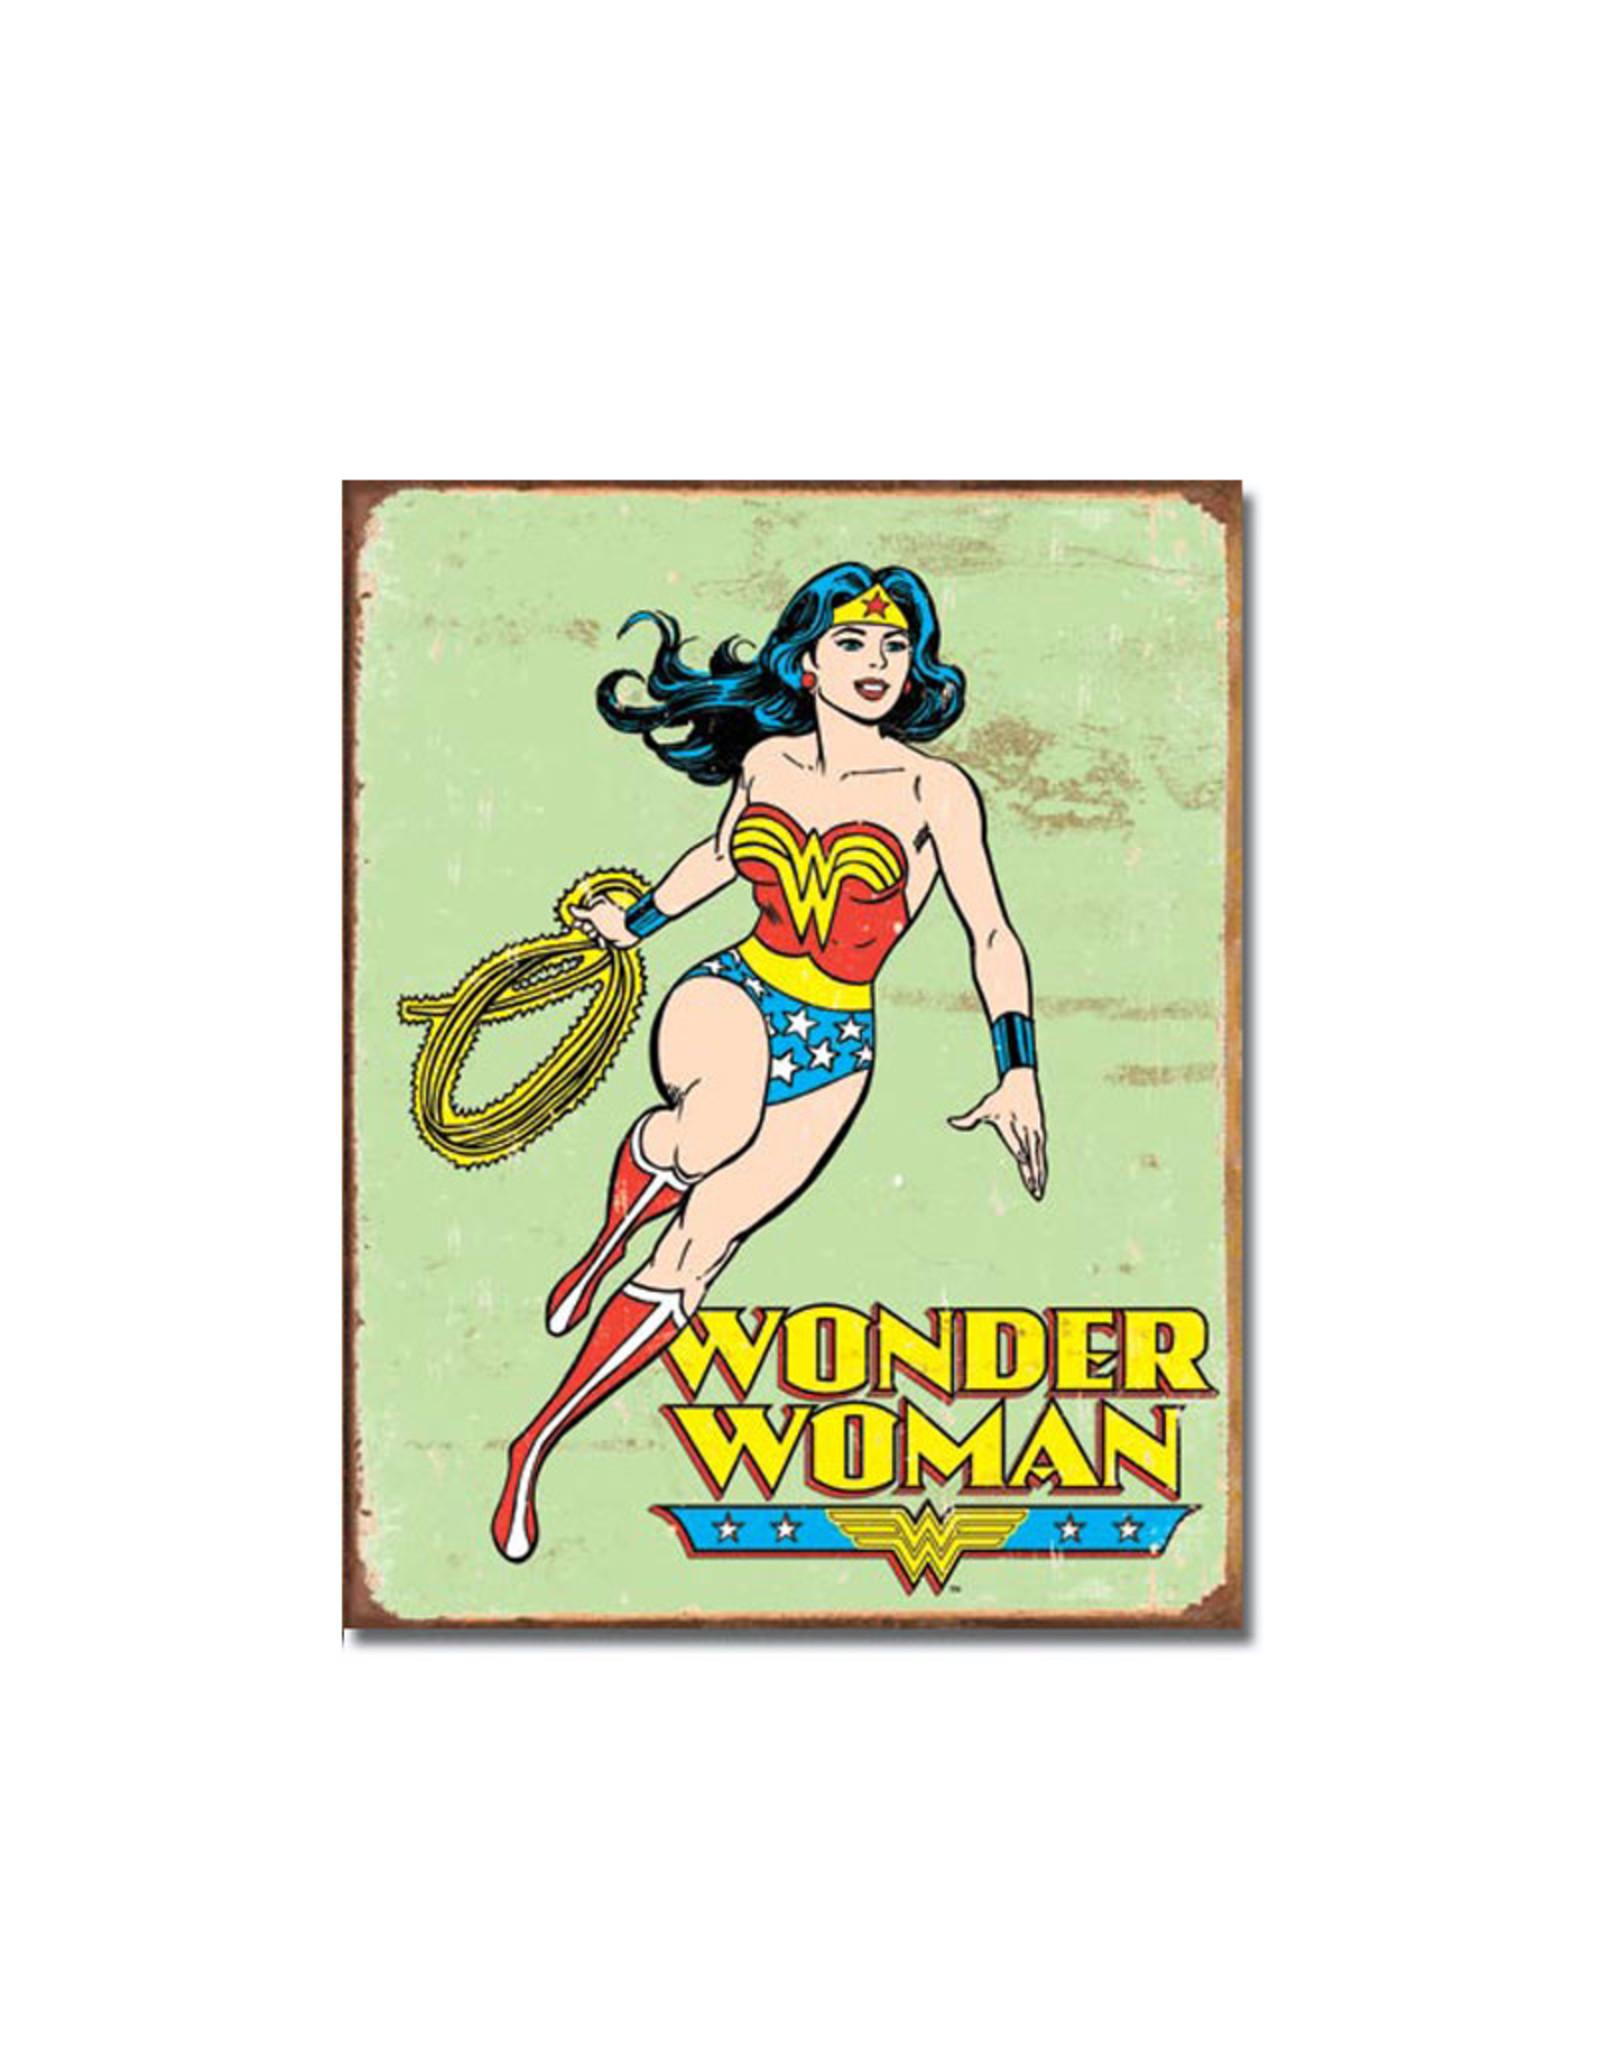 Dc comics Dc Comics ( Metal Sign 12.5 X 16 ) Wonder Woman Retro